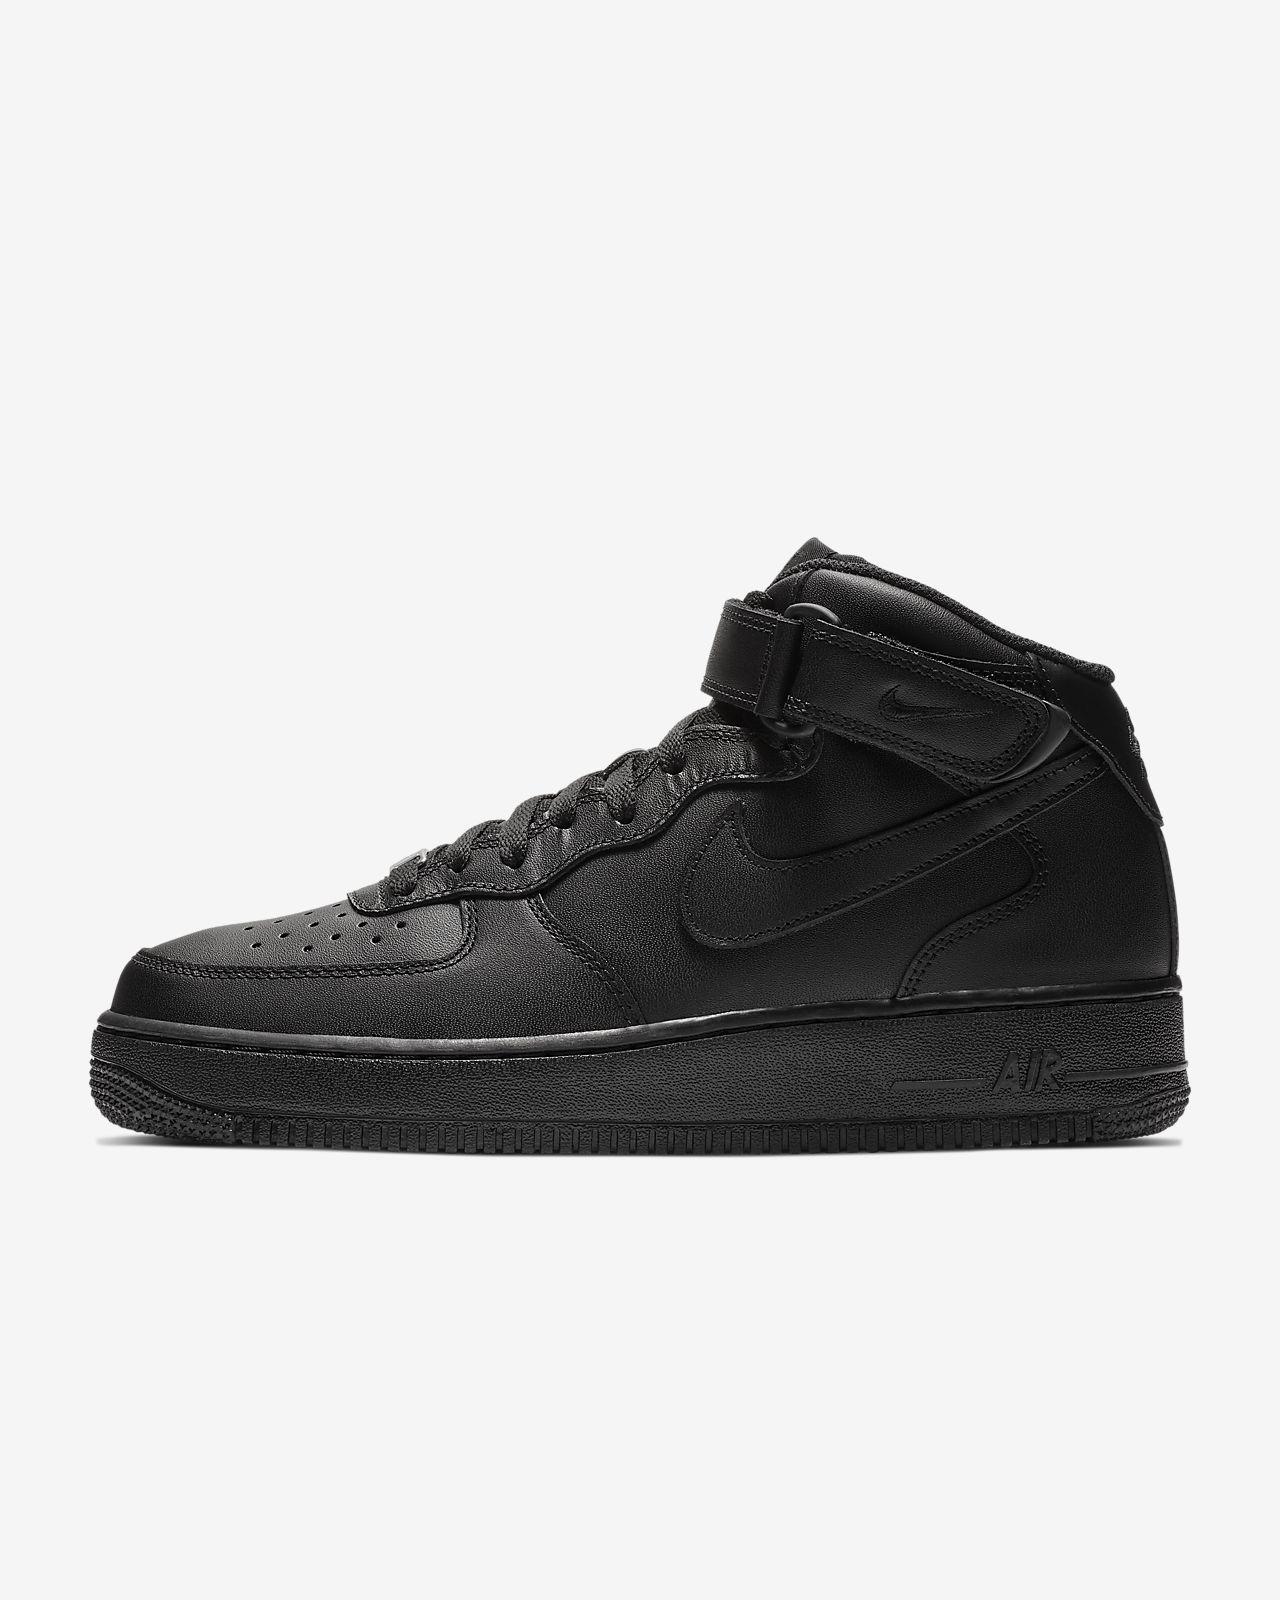 nike scarpe uomo 2018 air force